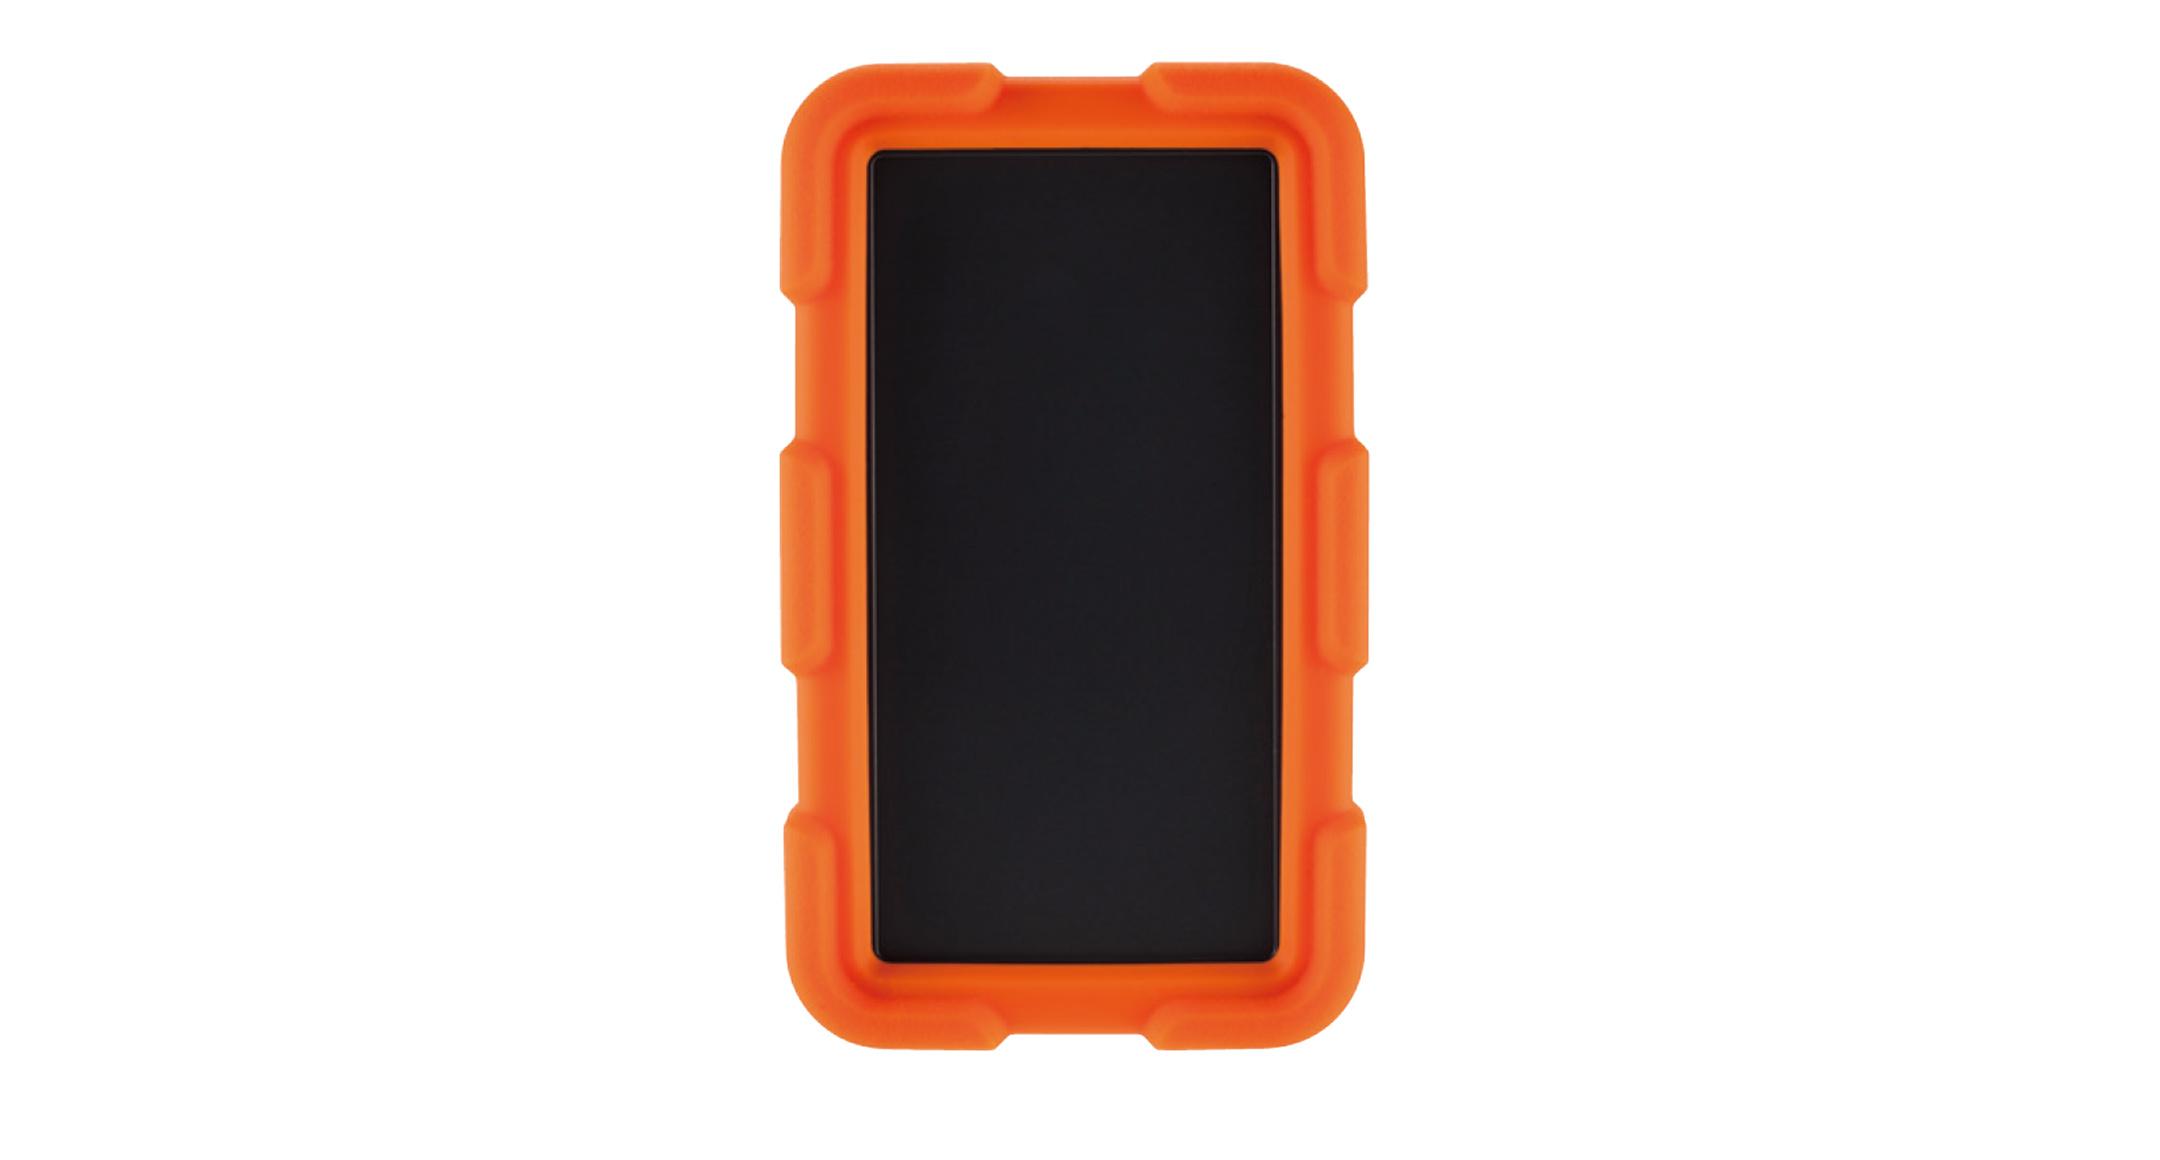 耐衝撃シリコンカバー付プラスチックケース LCTシリーズ:ダークグレー/オレンジの画像